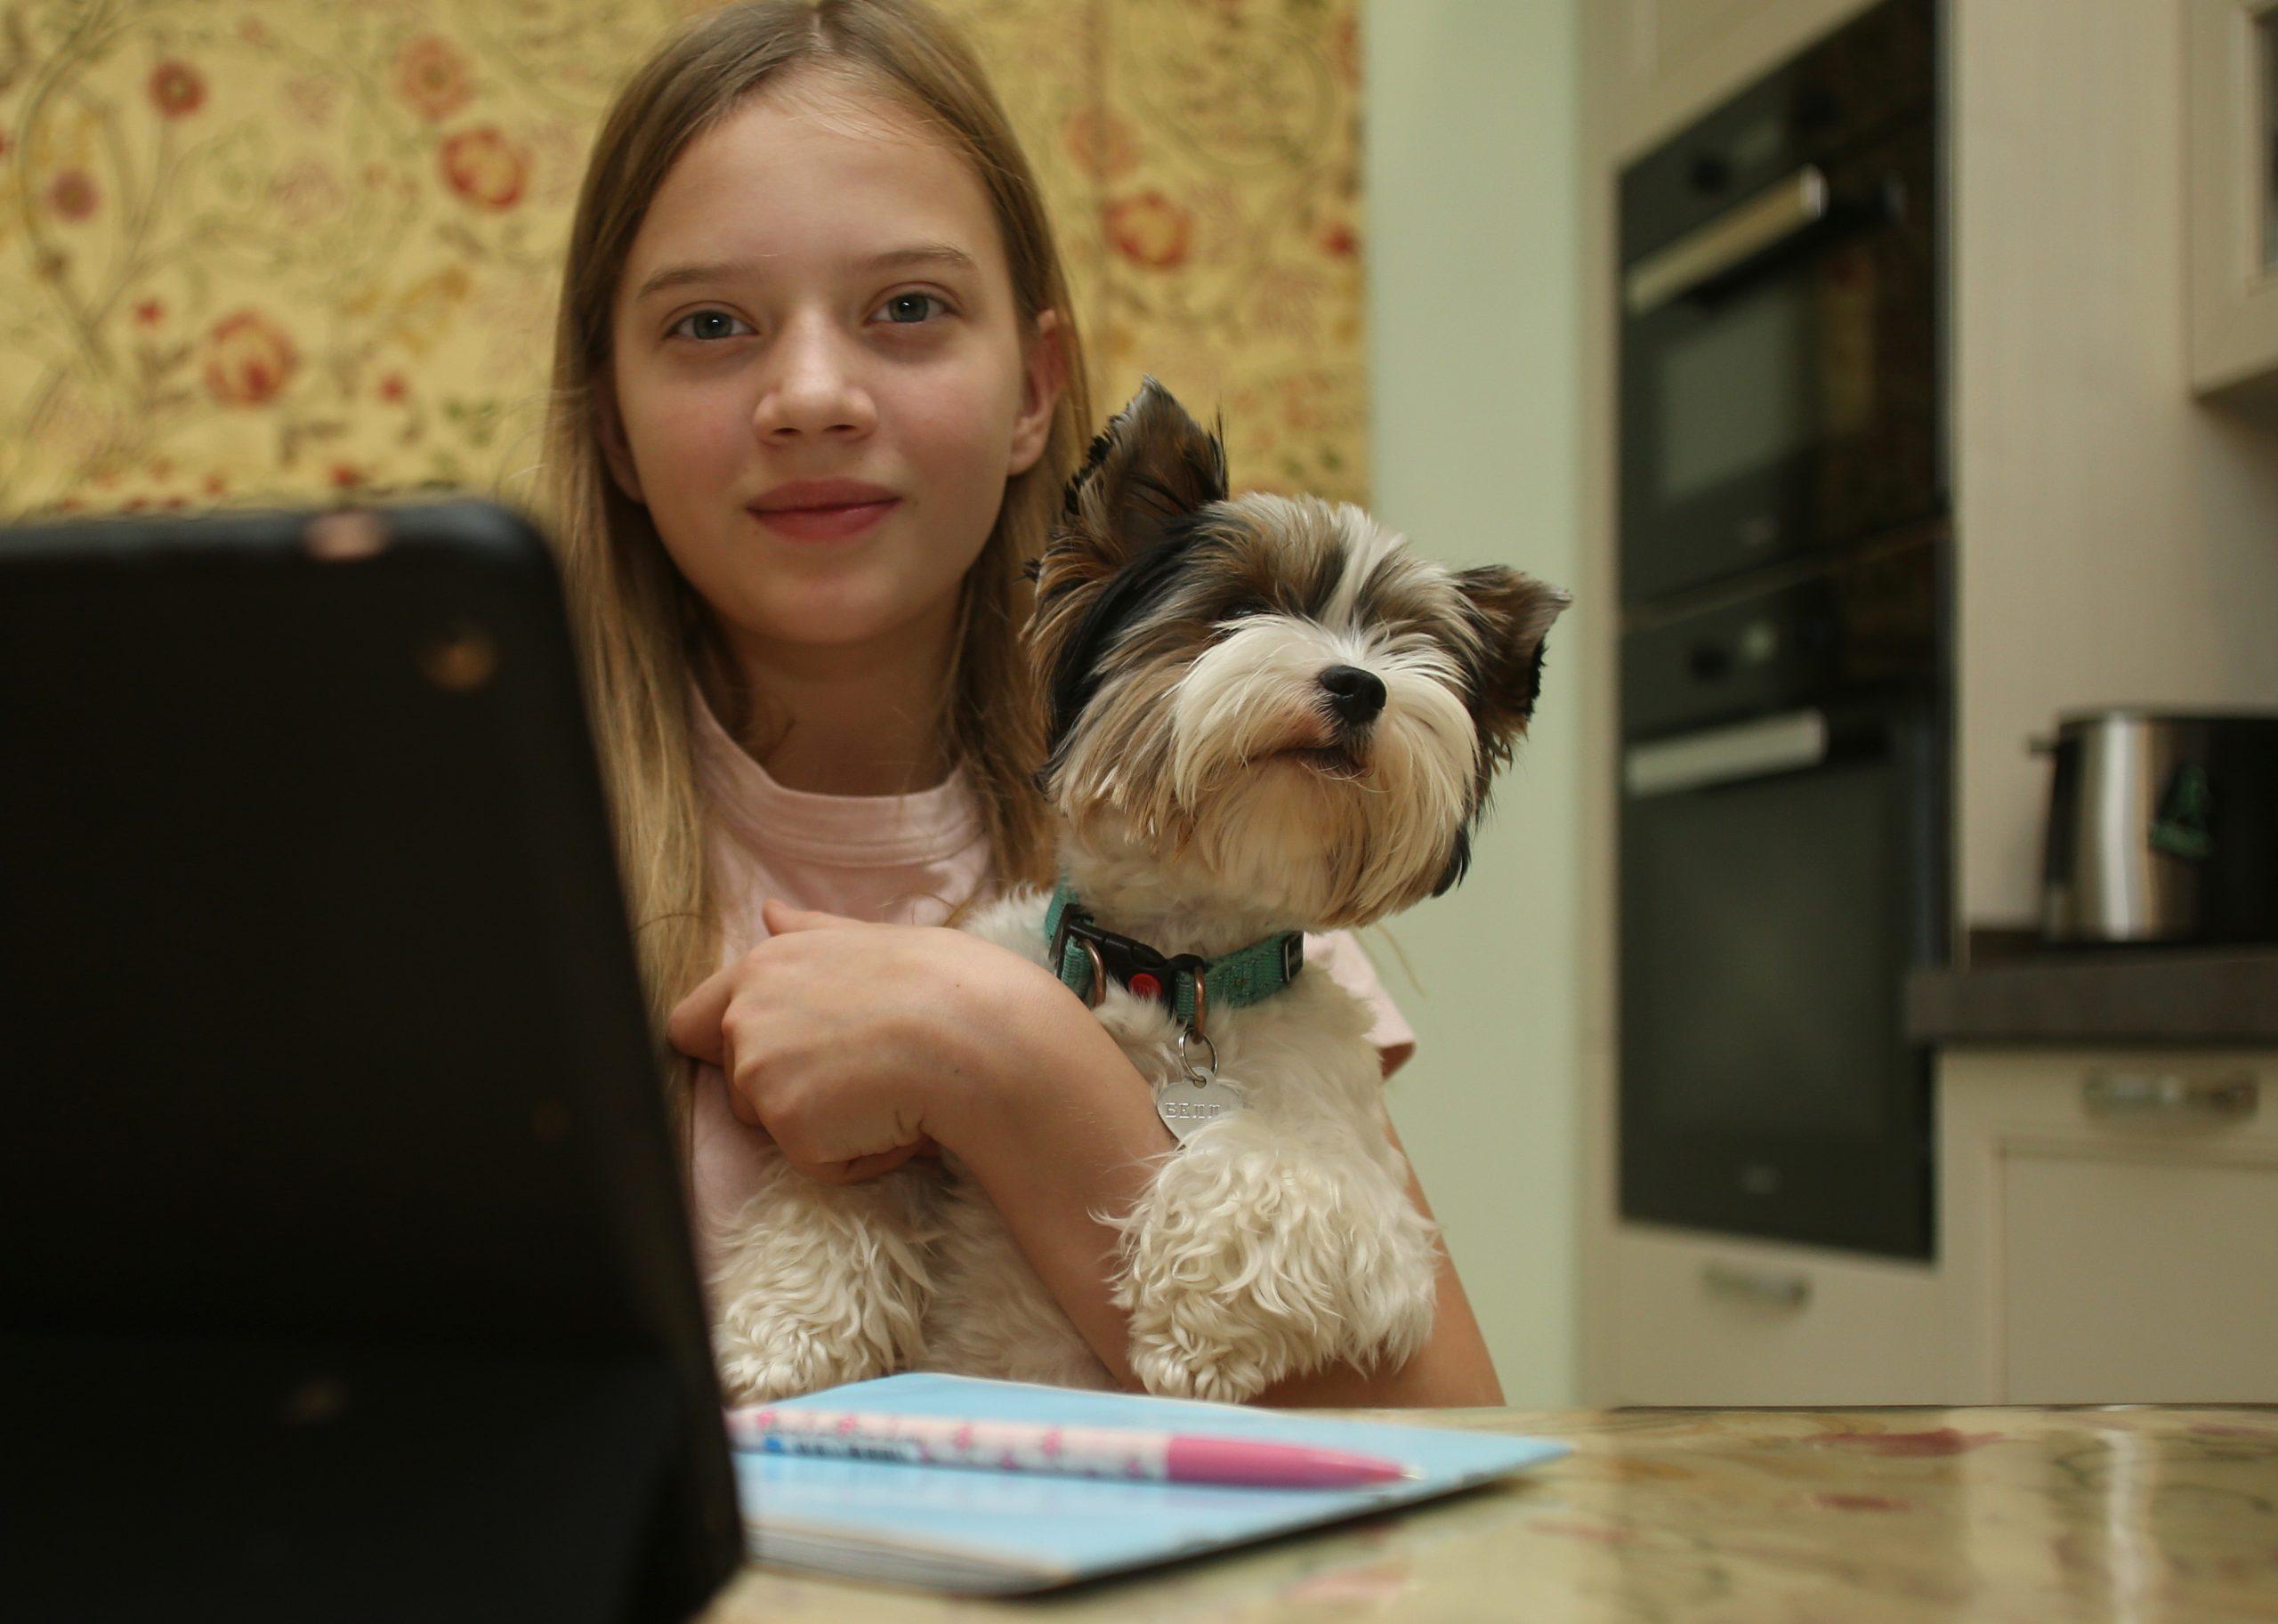 Программу онлайн-мероприятий для детей представили культурные организации Москвы